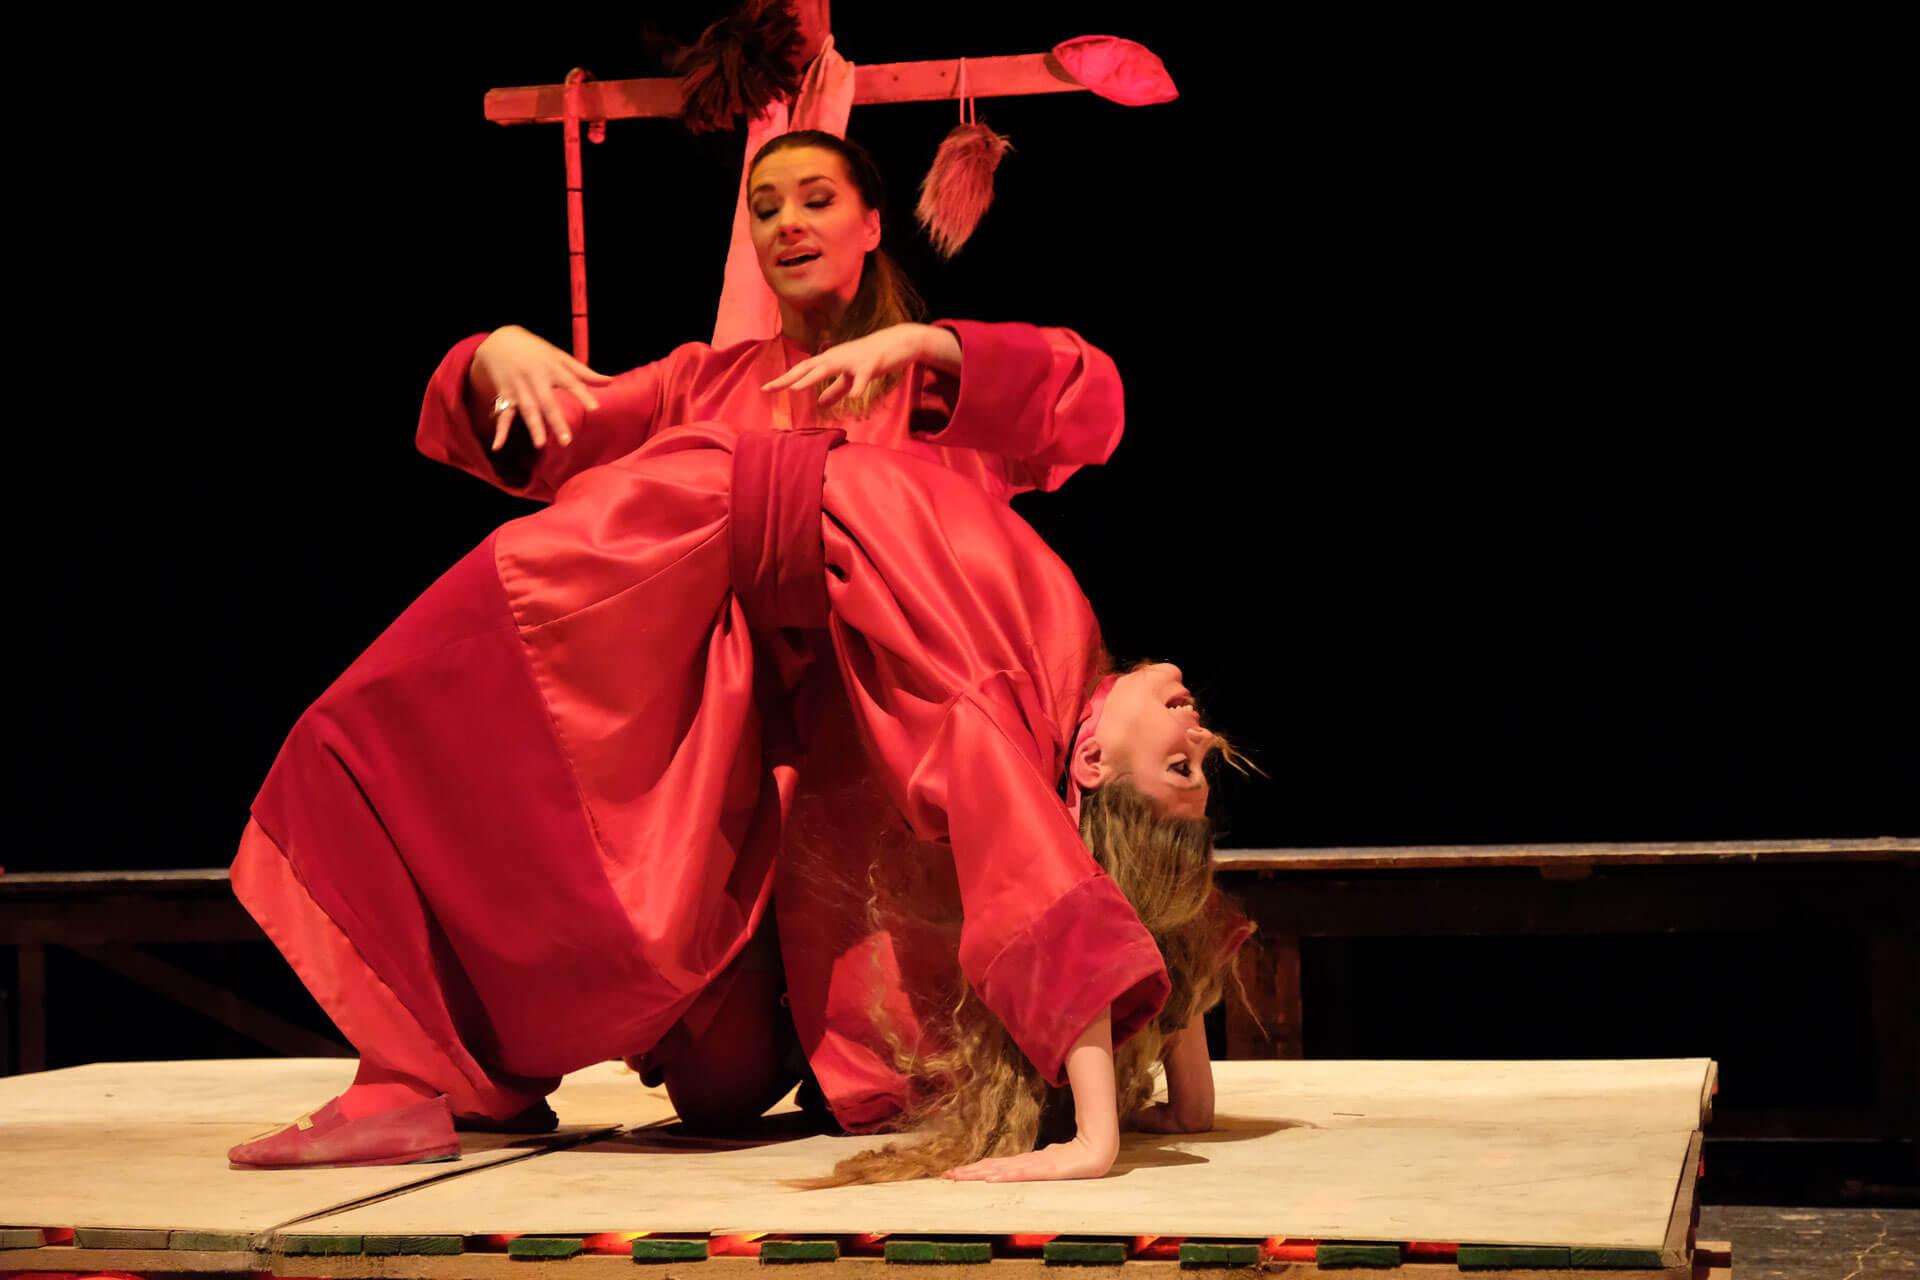 ruppo-teatro-colli-giordano-bruno-2019-7